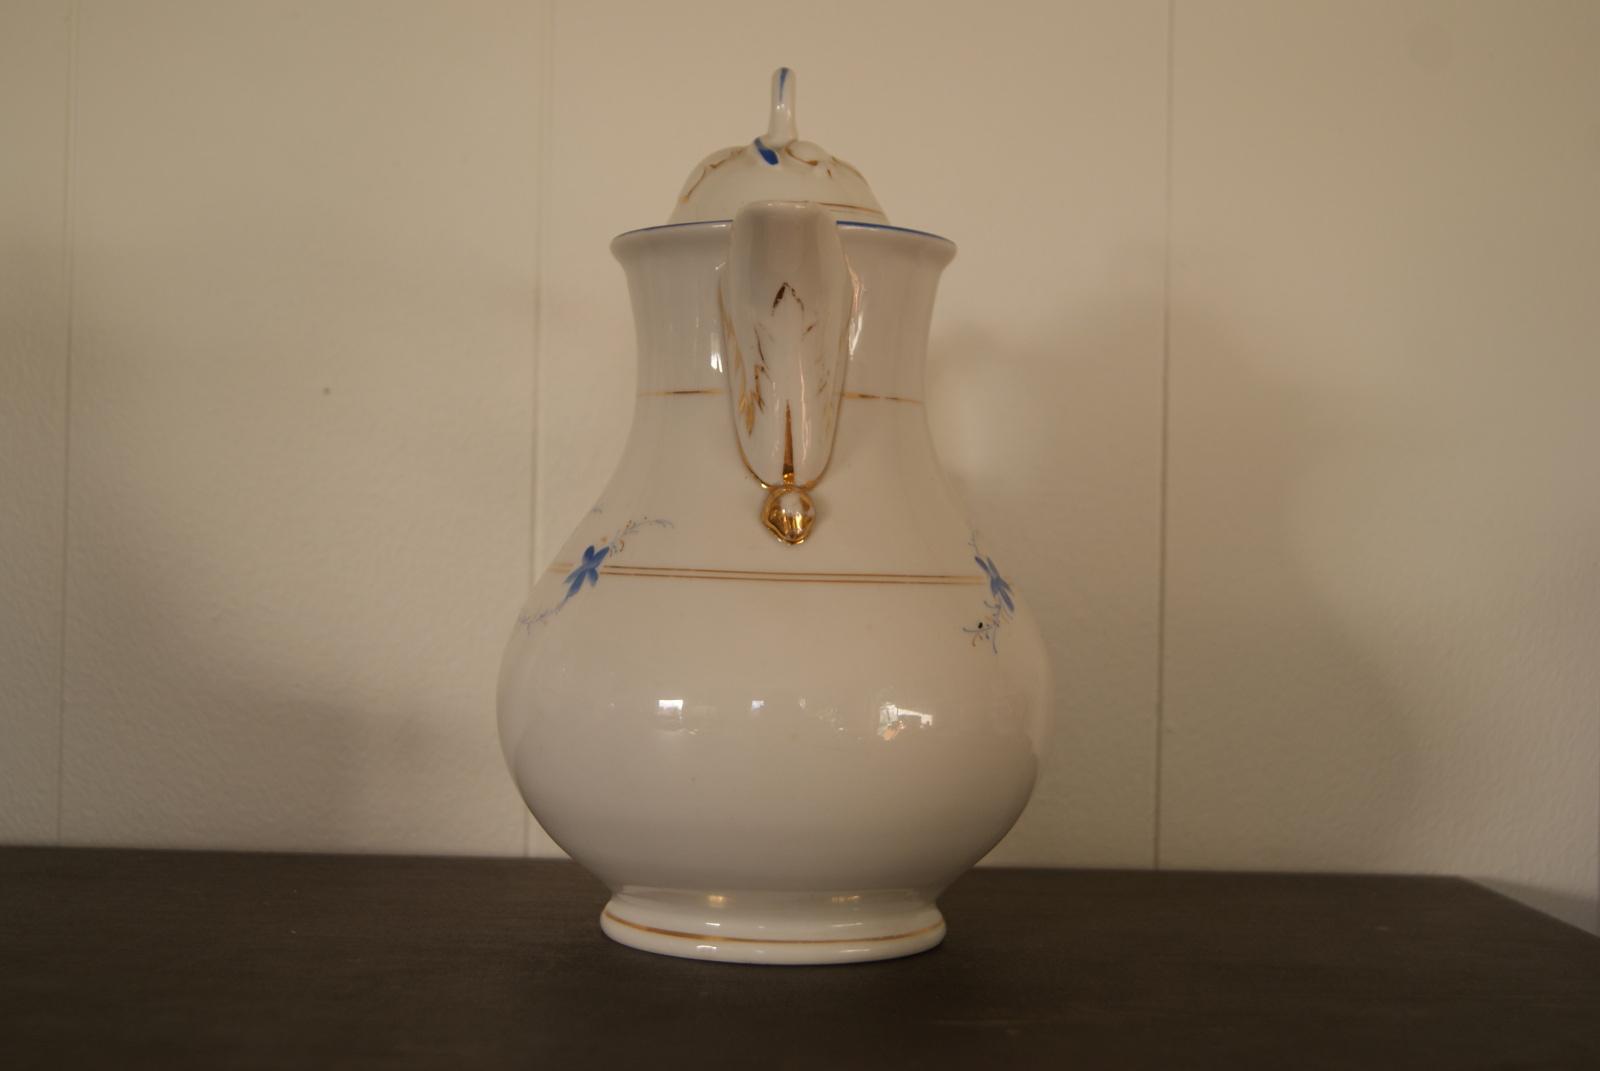 Jaworzyna Slaska (Konigszelt) August Rappsilber  biedermaier pot with blue flowers